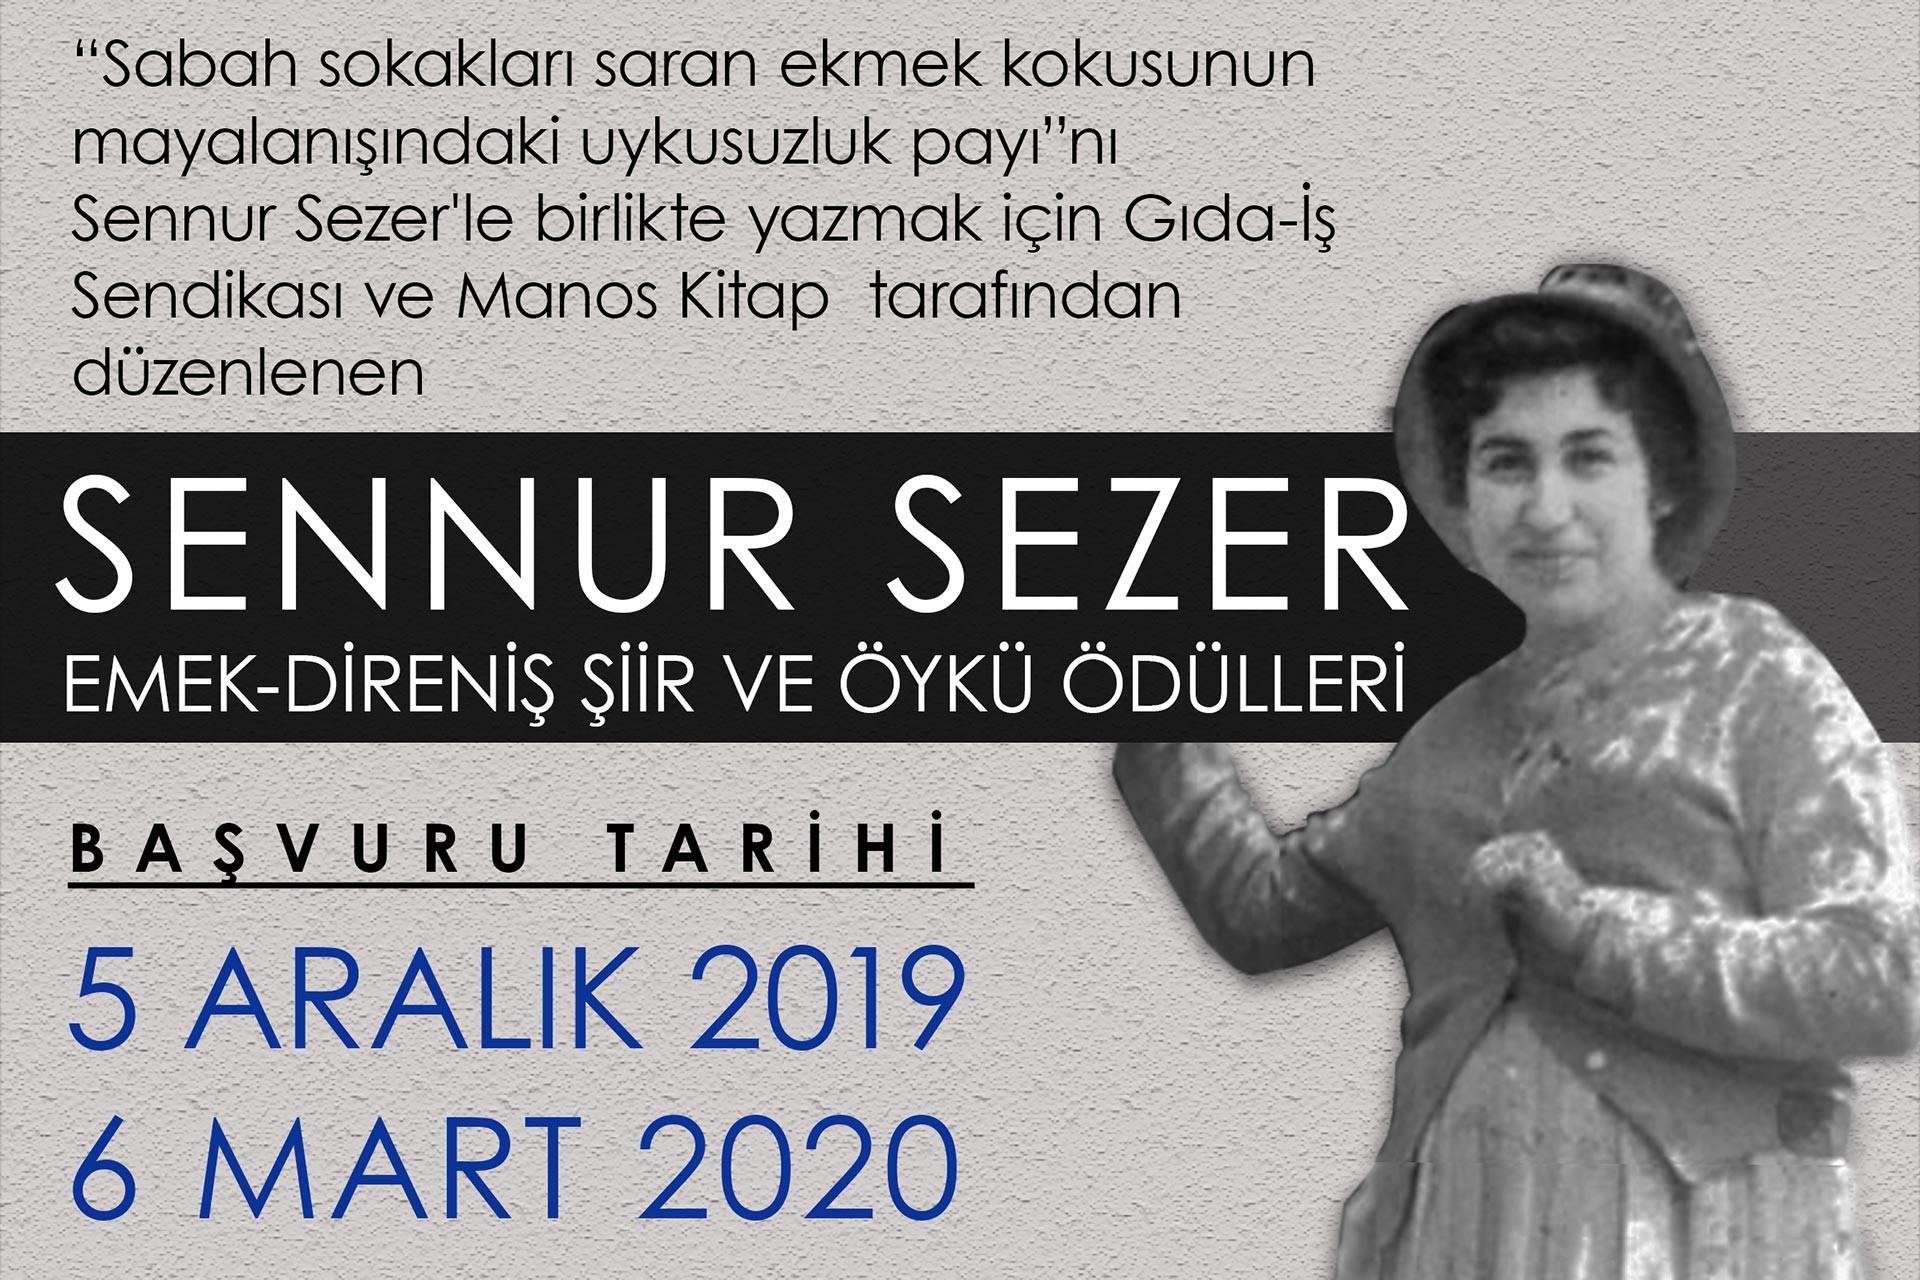 Sennur Sezer Emek-Direniş Şiir ve Öykü Ödülleri afişi